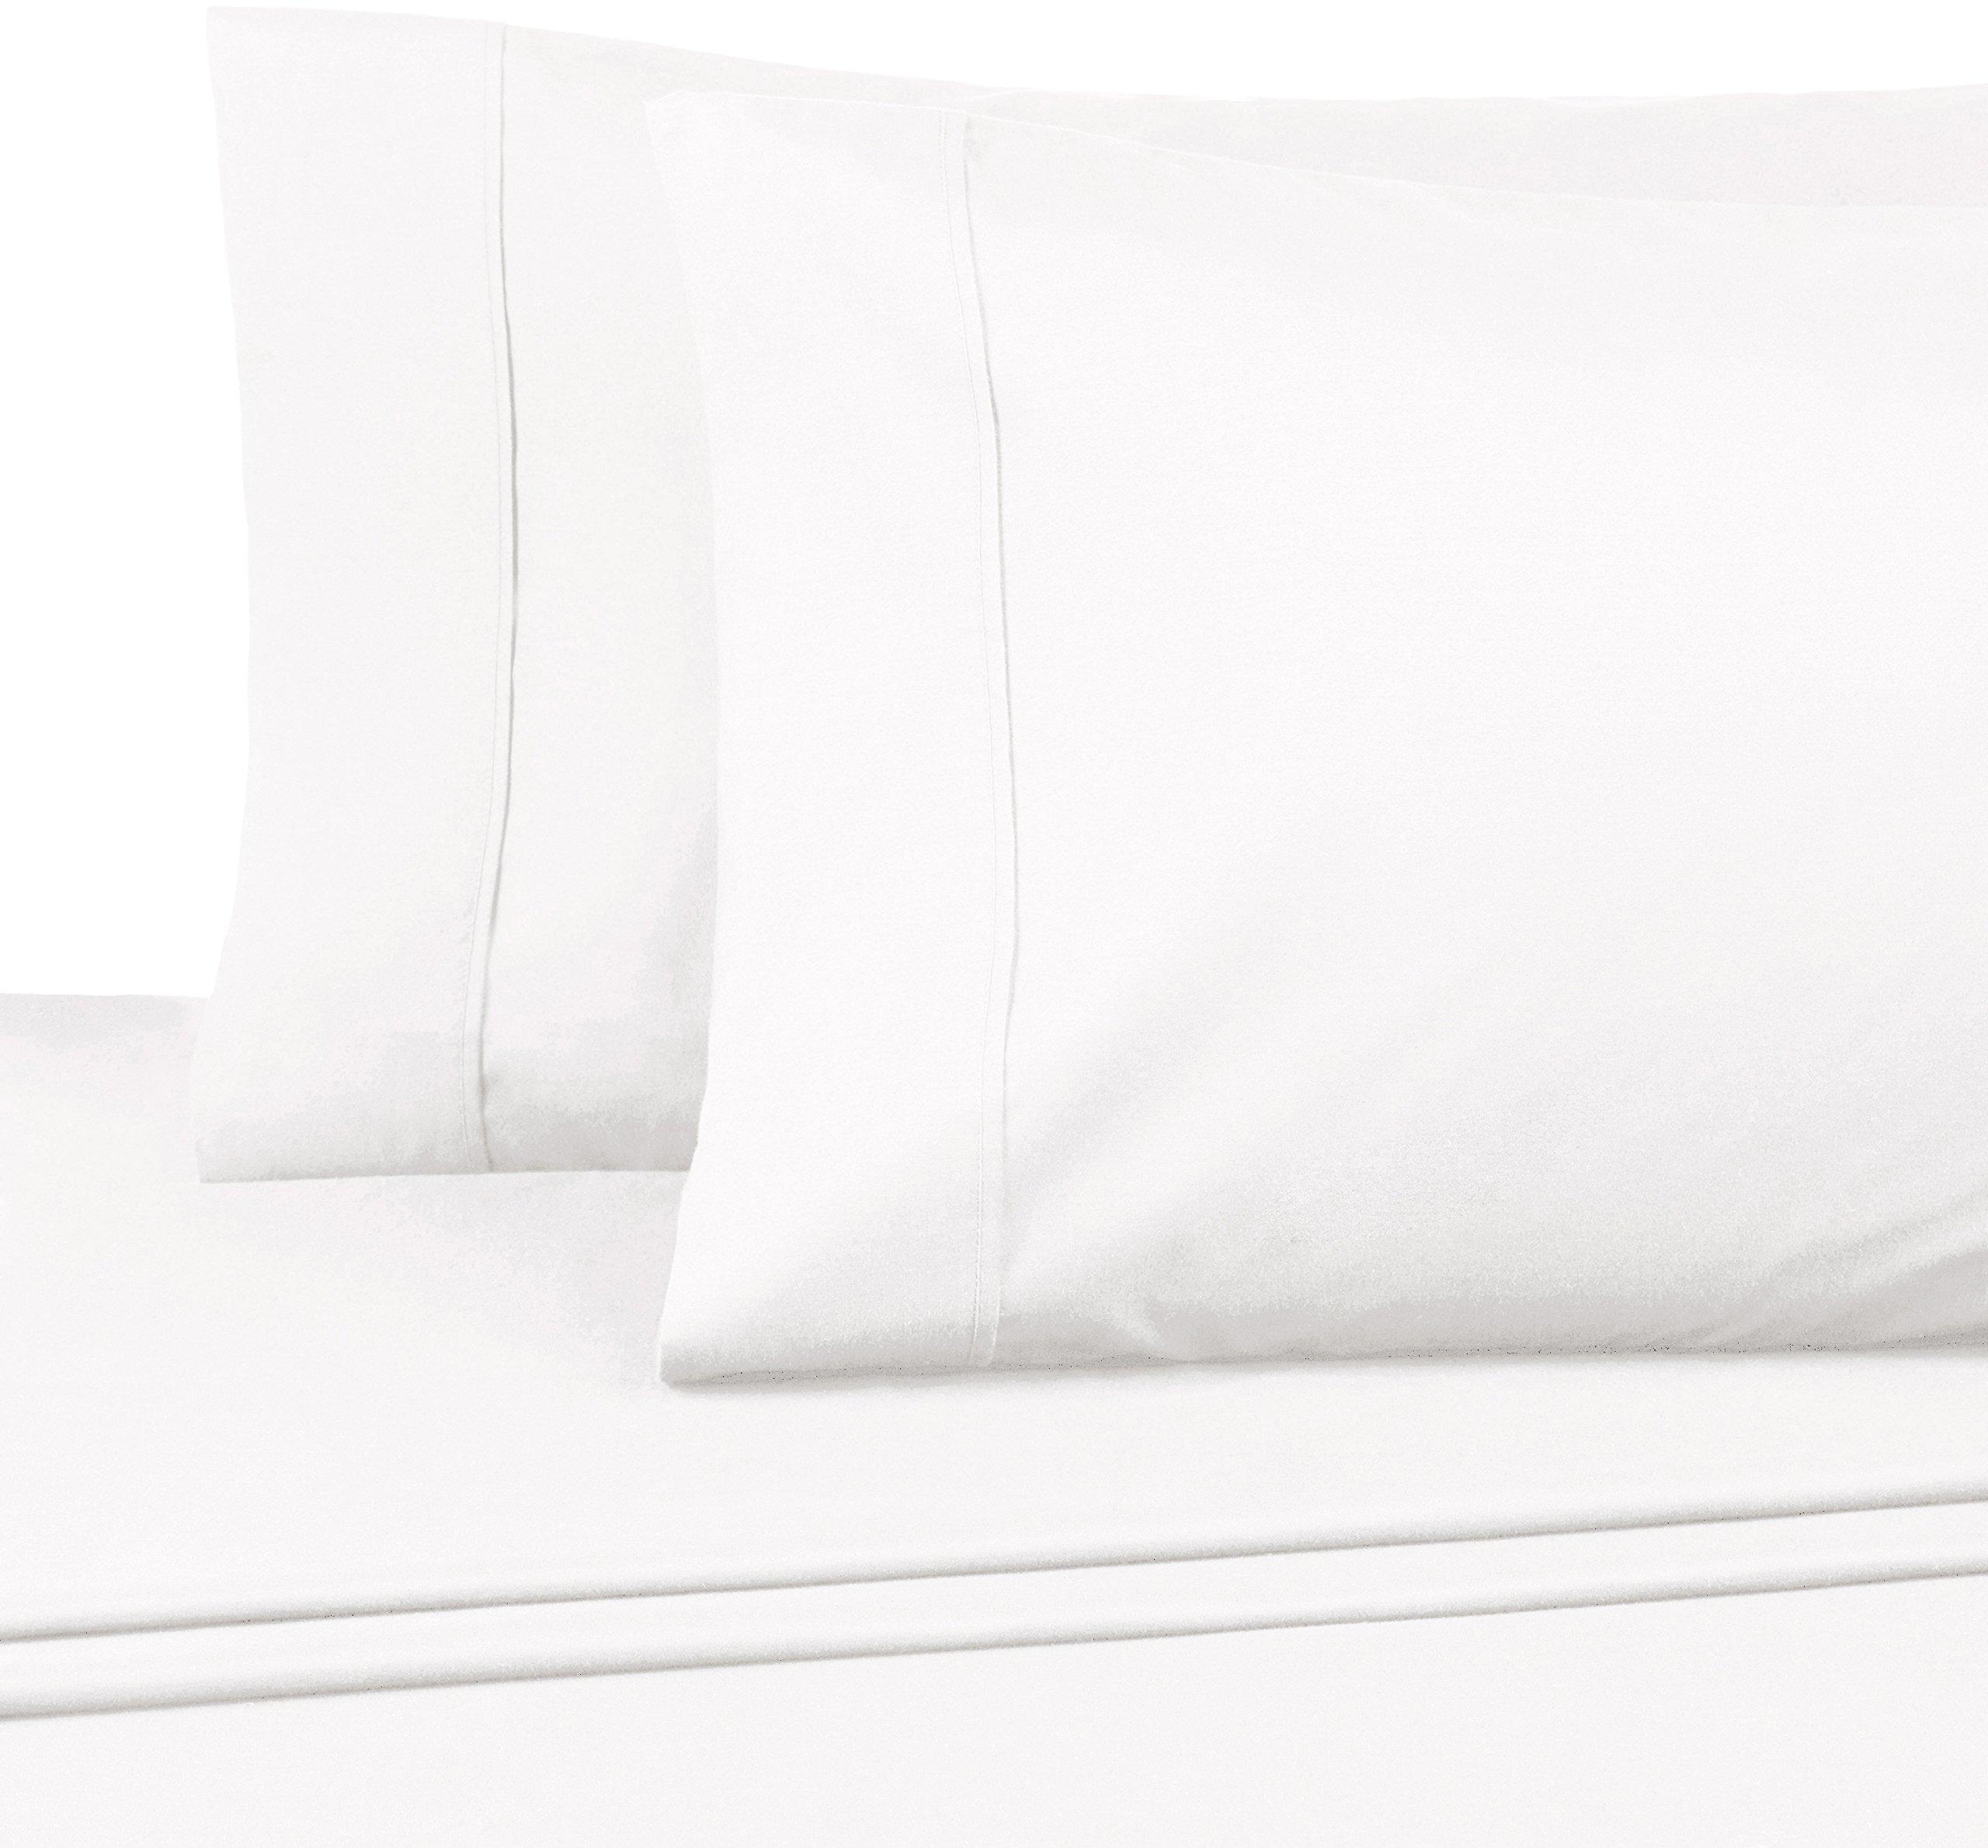 AmazonBasics Essential Cotton Blend Sheet Set -King, White by AmazonBasics (Image #3)